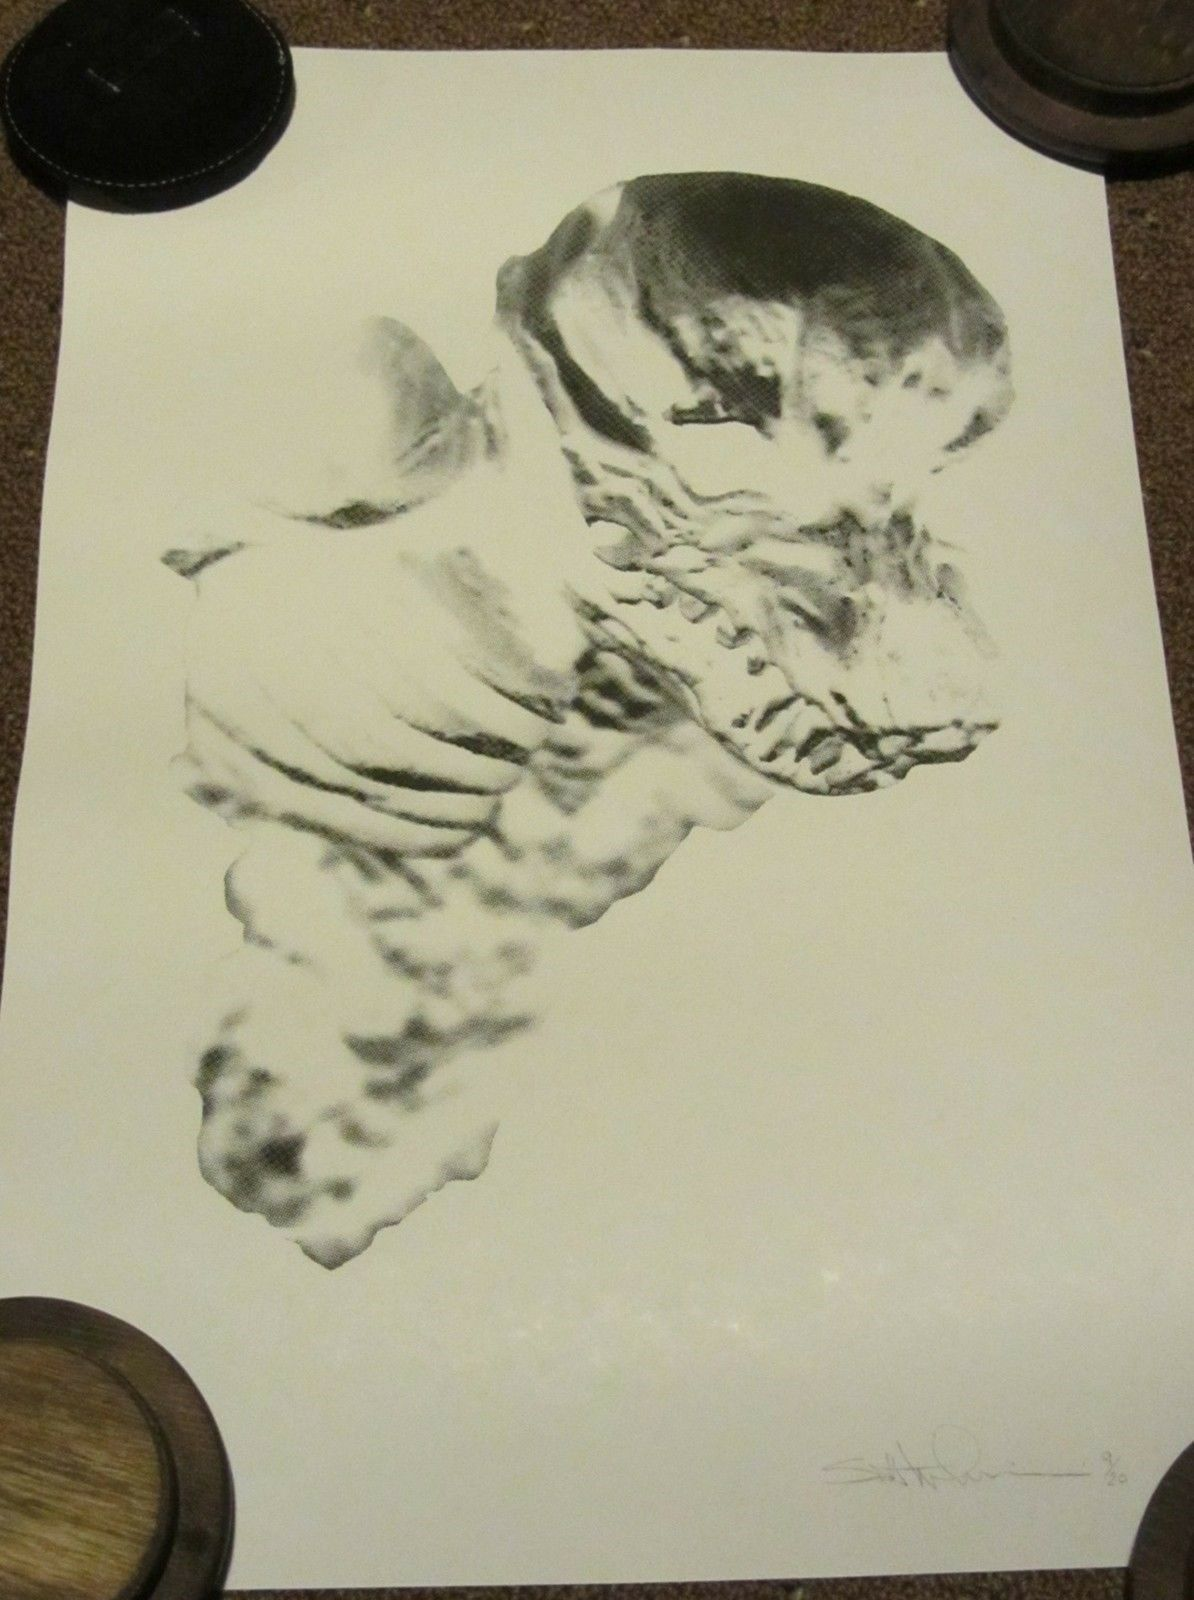 Print - SCOTT WILKOWSKI - INNER BEAST 19x12.5  - hand printed off-white paper